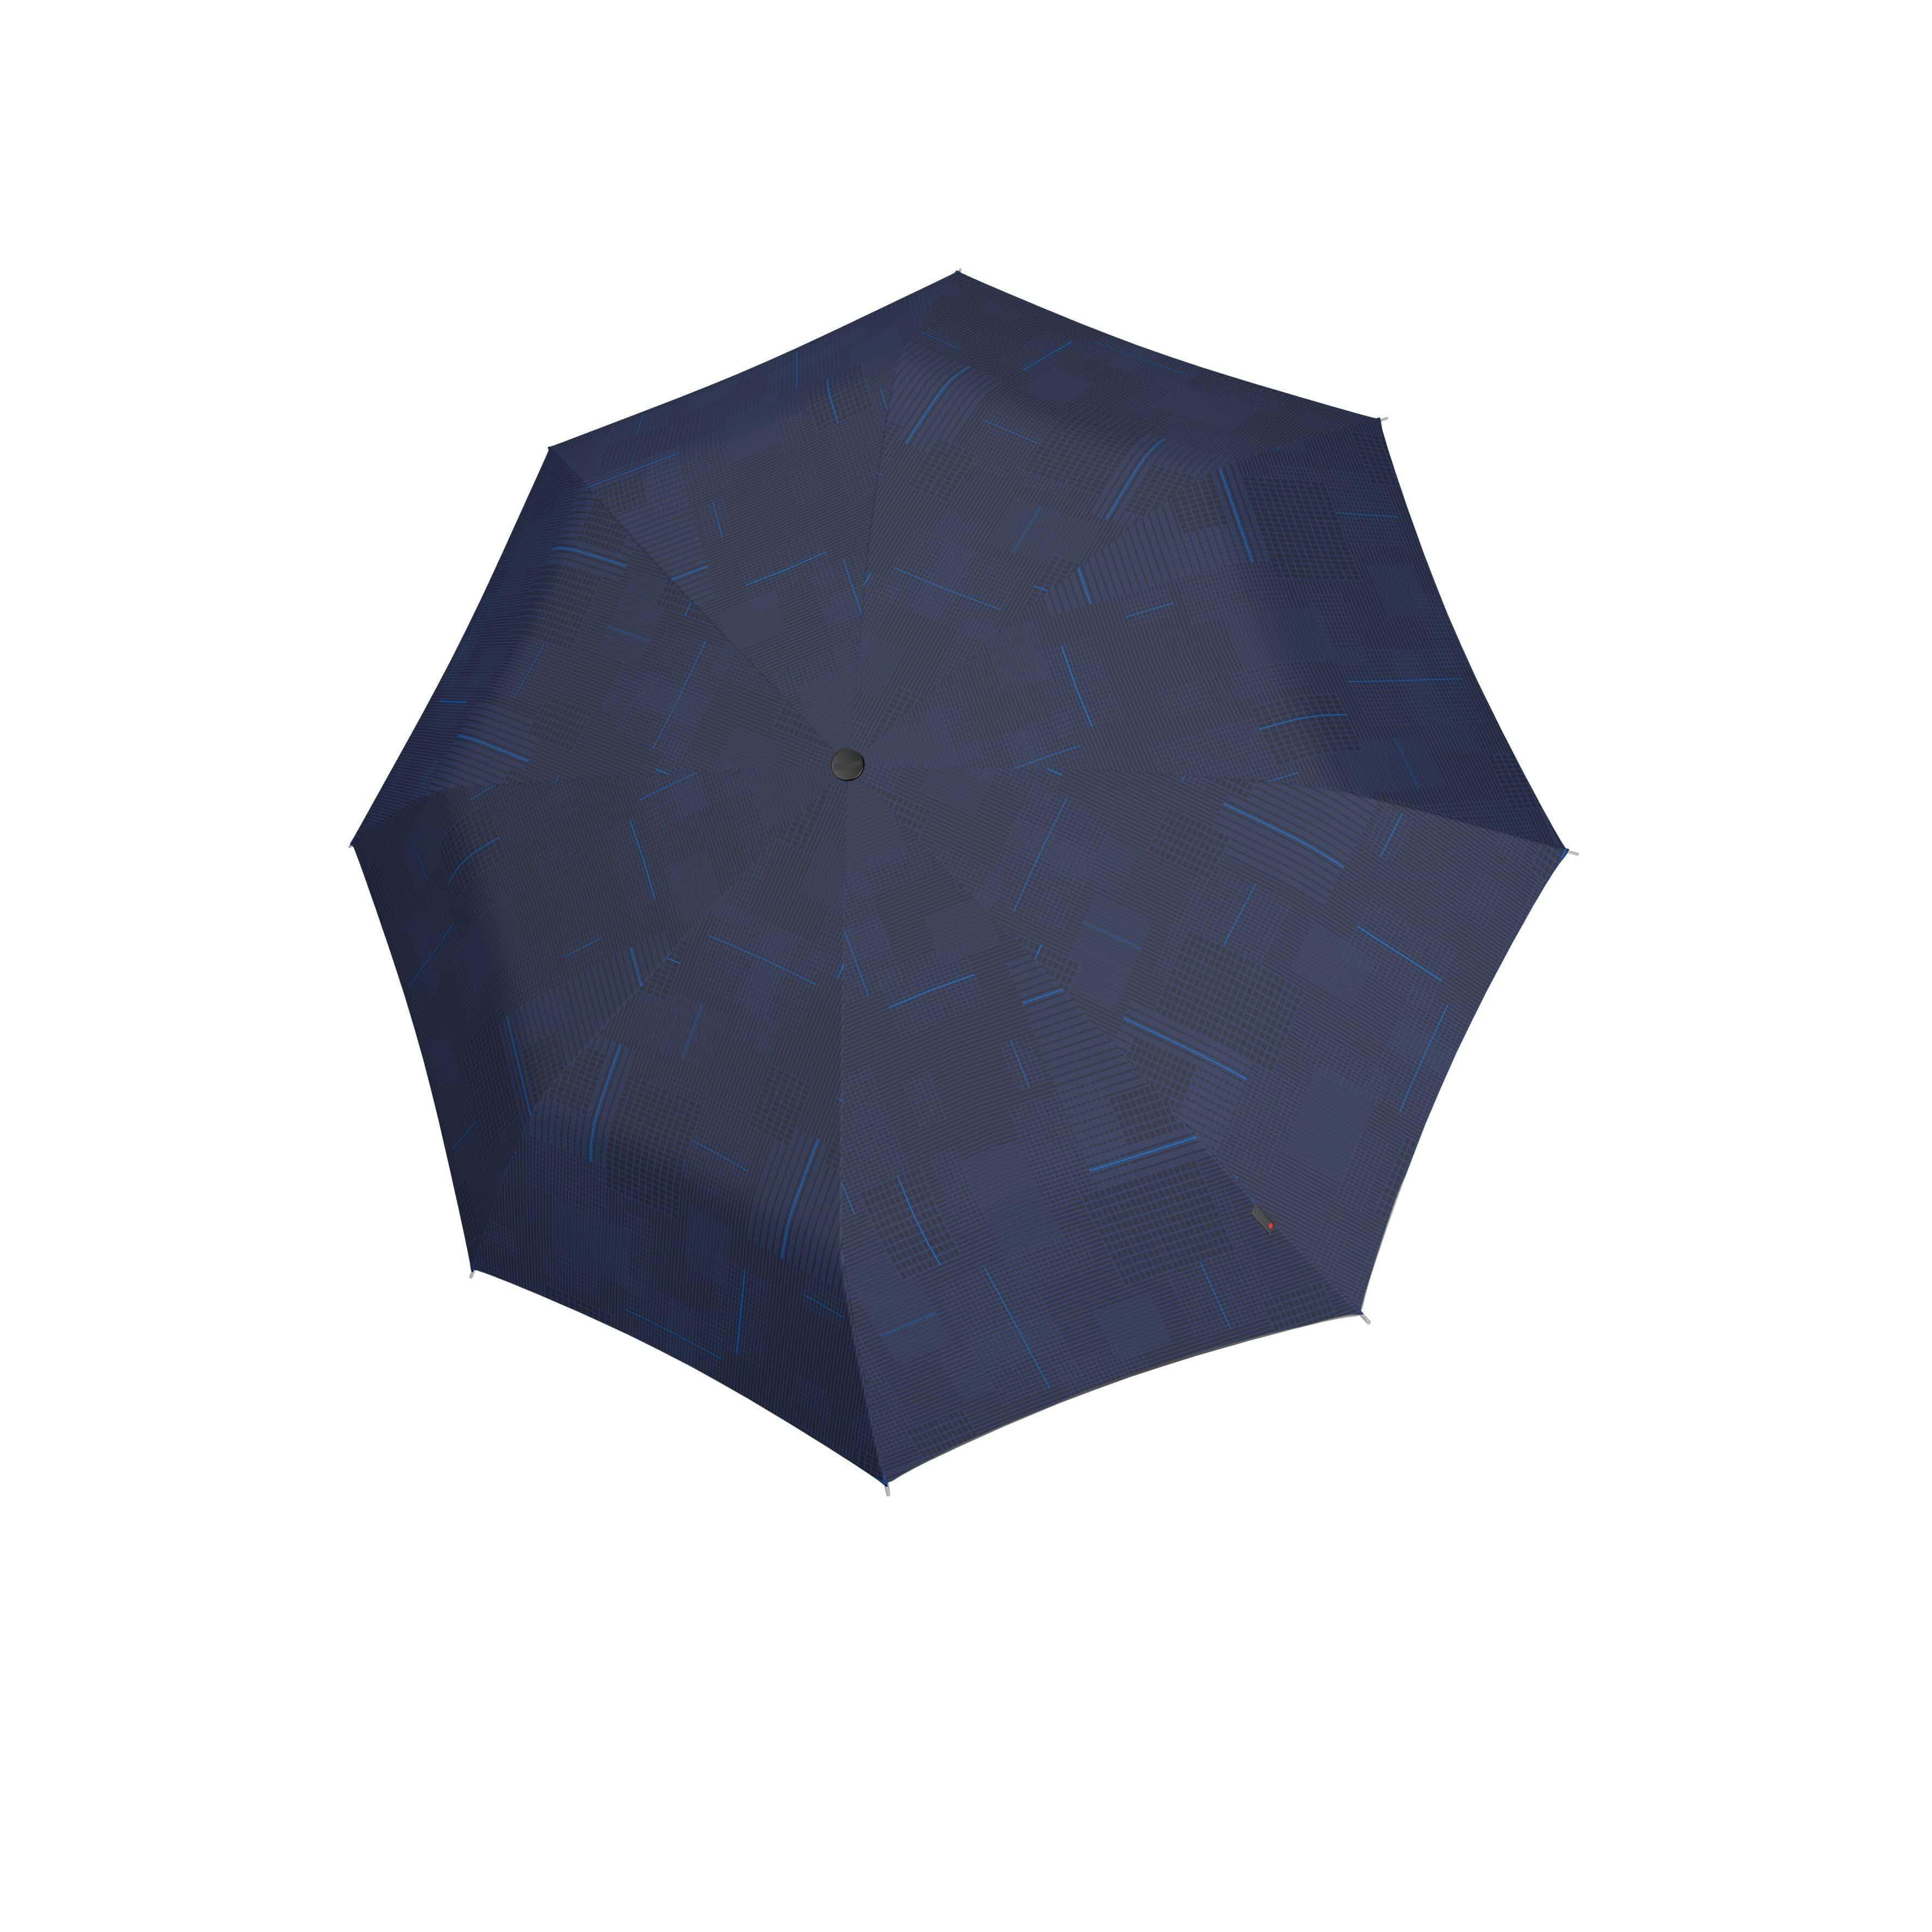 Knirps Umbrella T.260 medium duomatic - foto 2